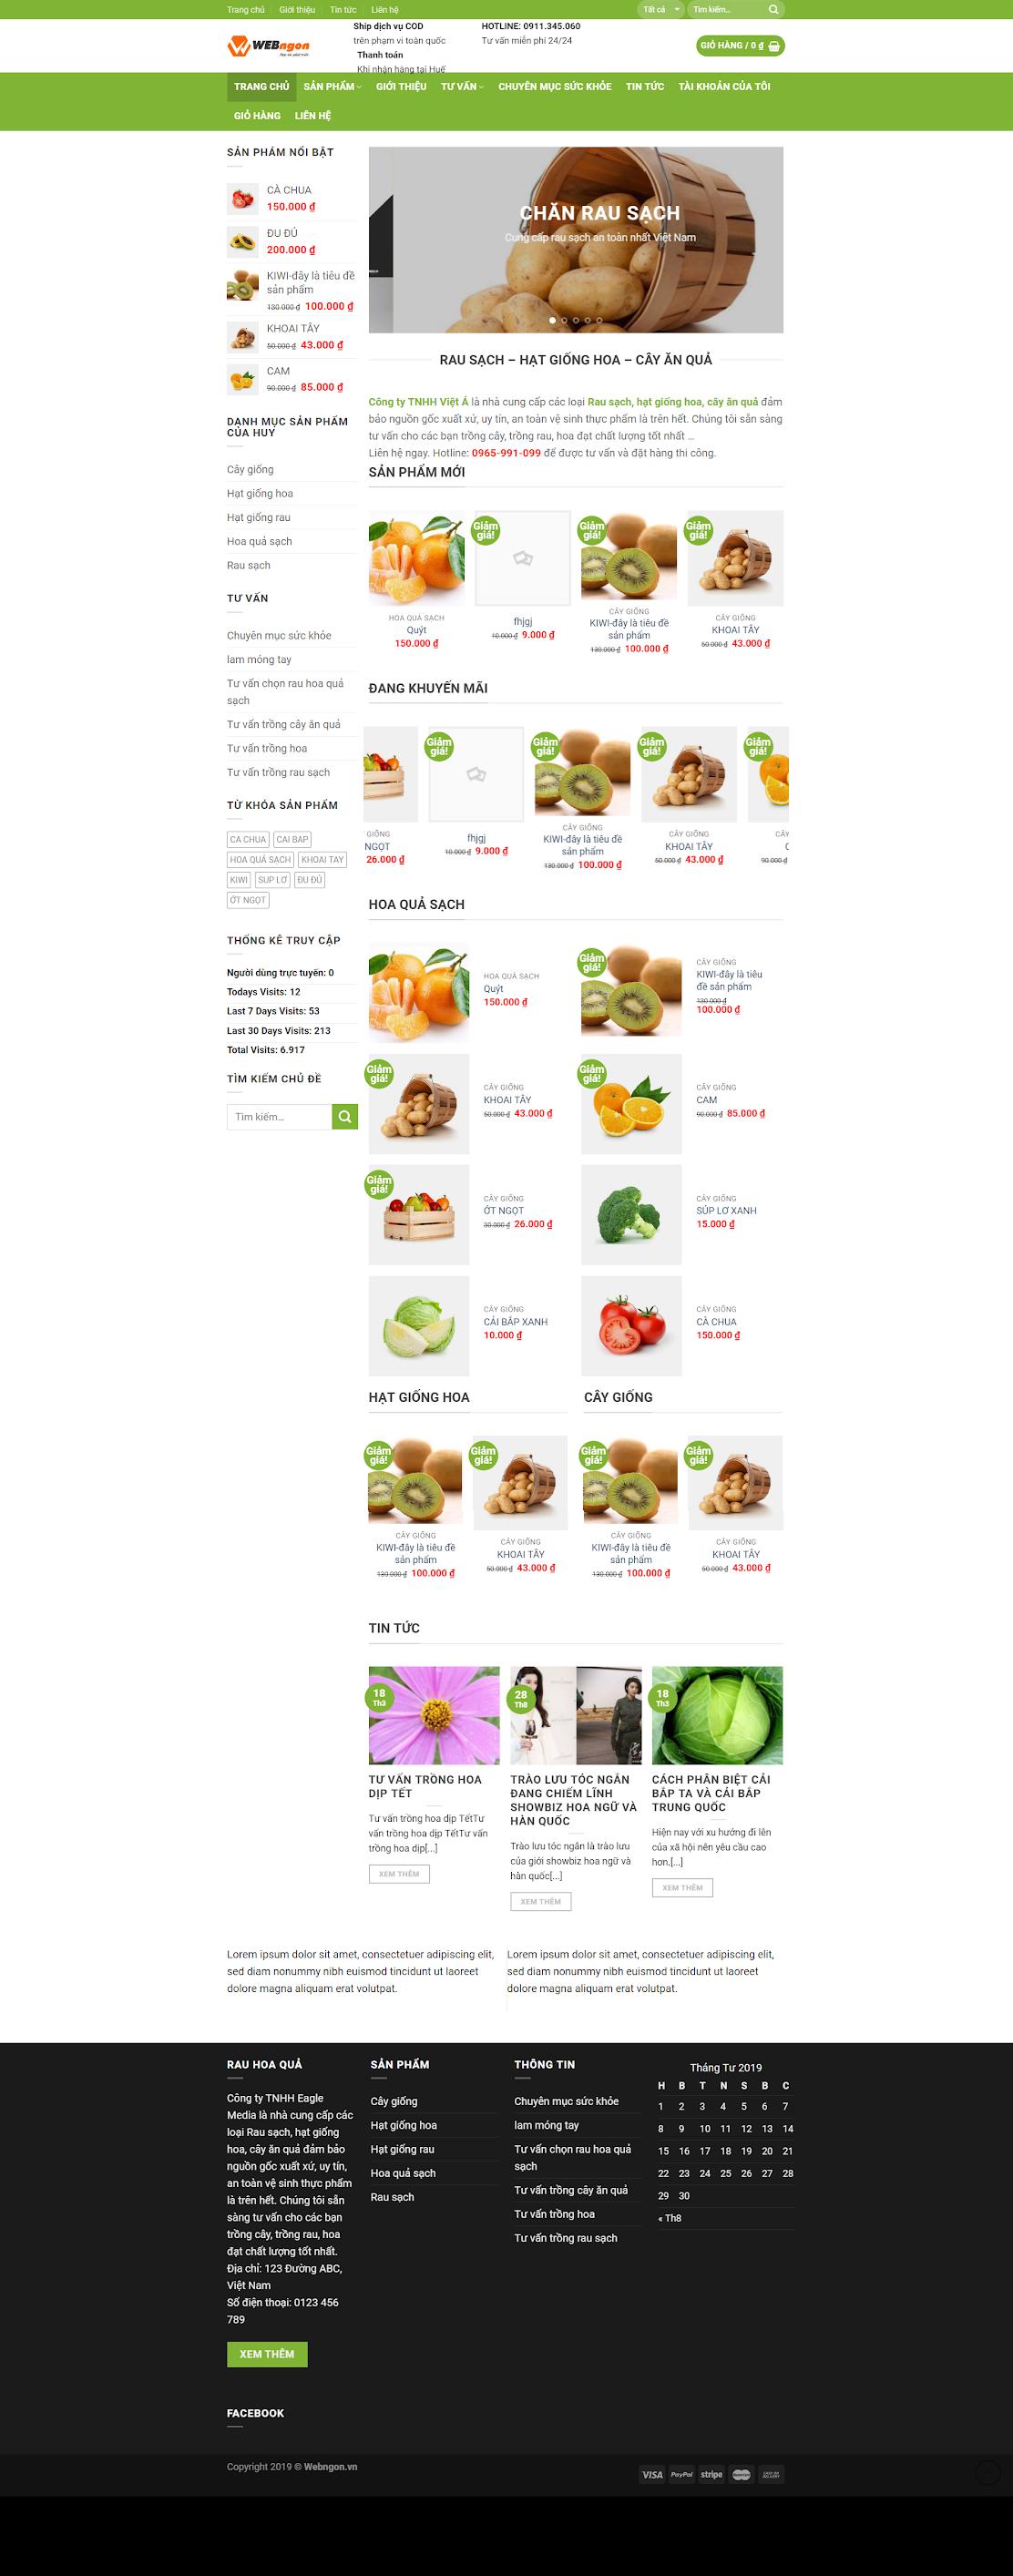 mẫu cung cấp thực phẩm nông sản wn036